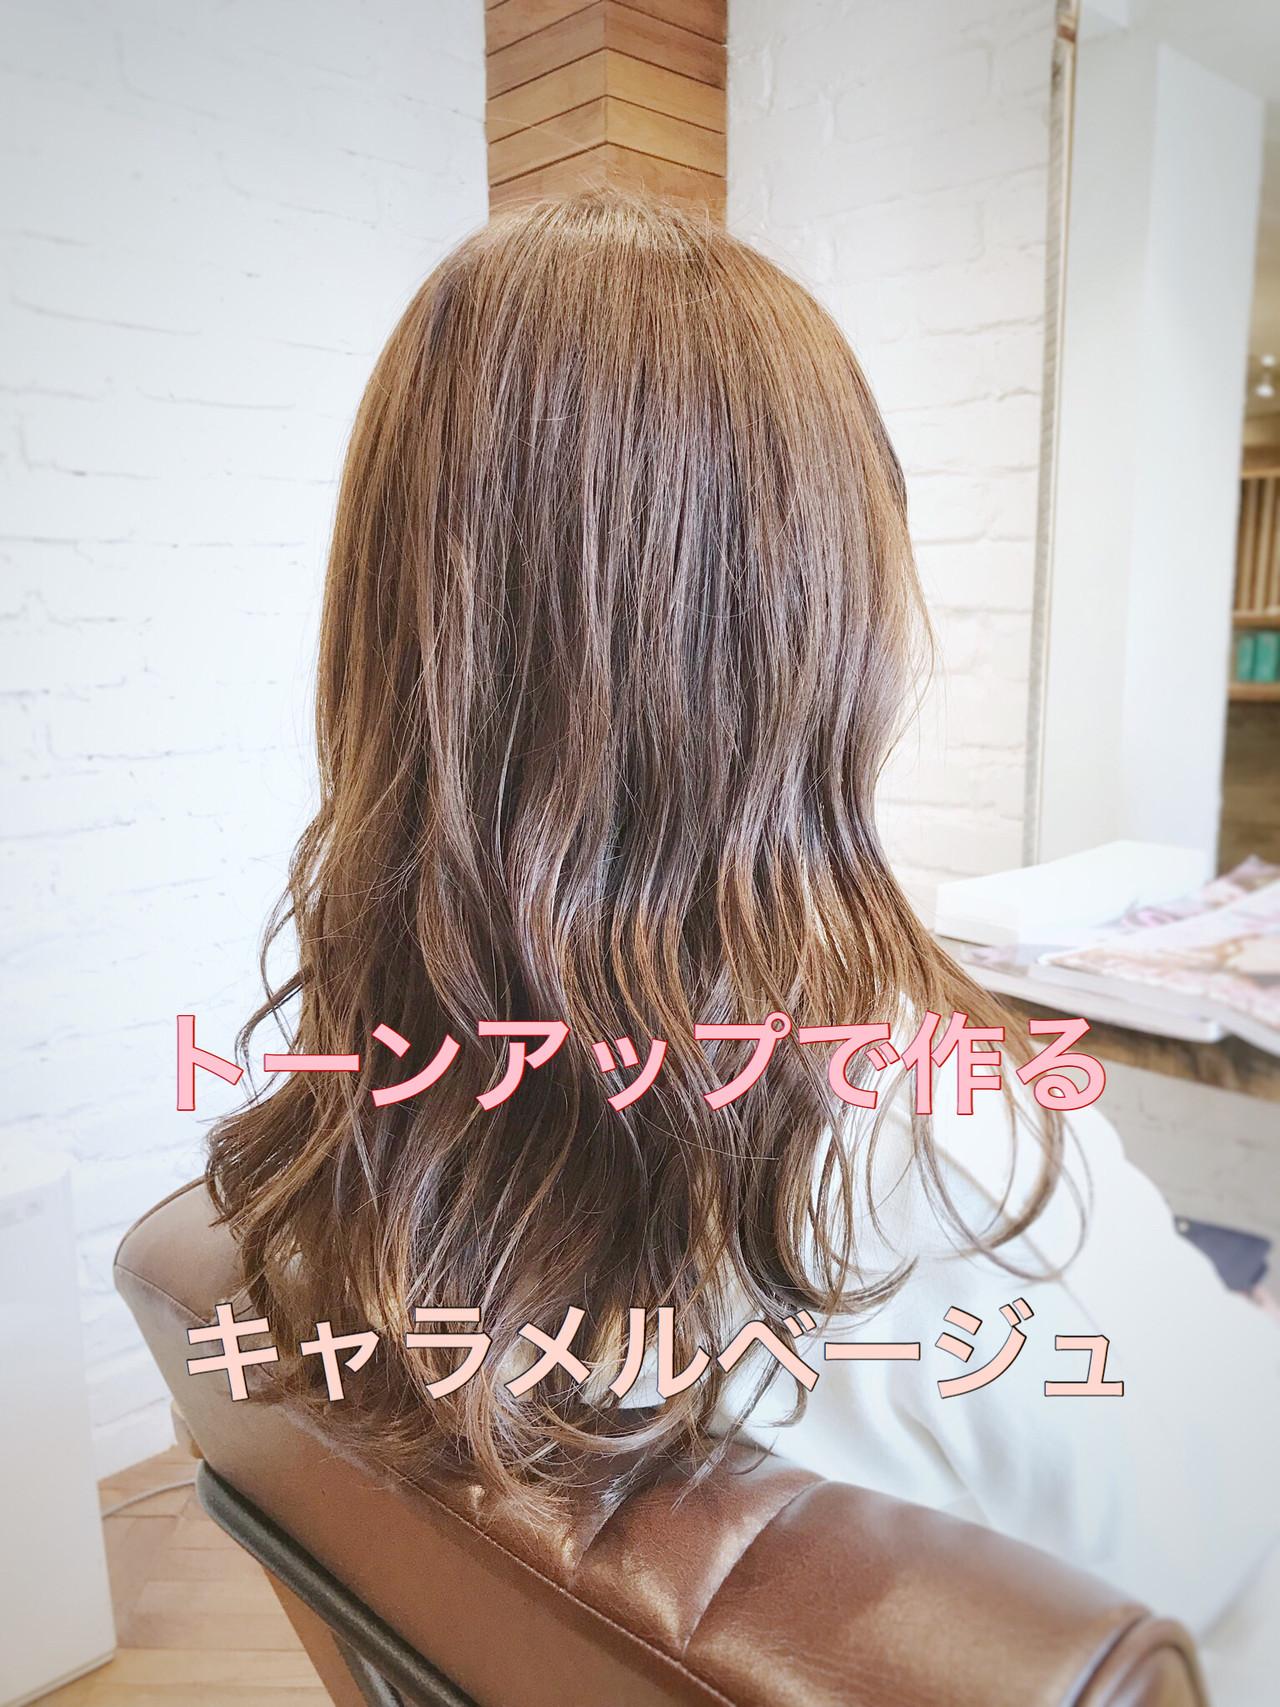 ロング デート アウトドア ヘアアレンジ ヘアスタイルや髪型の写真・画像 | 道村昌樹/chobii / chobii   GINZA